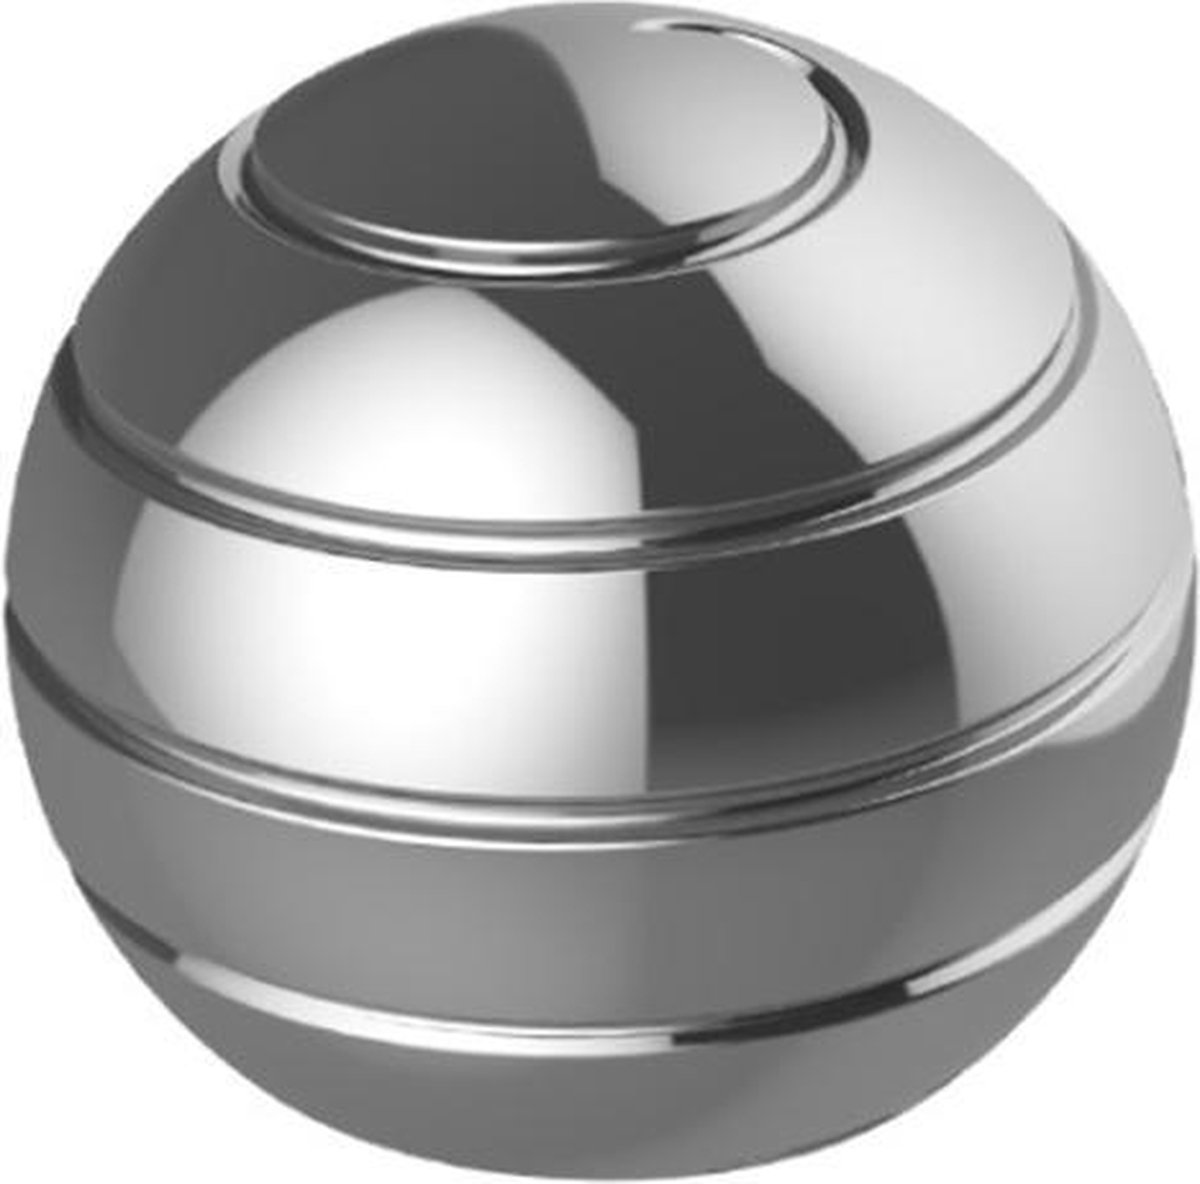 Fidget spinner - Gyroscoop - Tol - Stressbal - Mesmobal - Volwassenen - Kinderen - Bureau accessoire - Metaal - Zilver